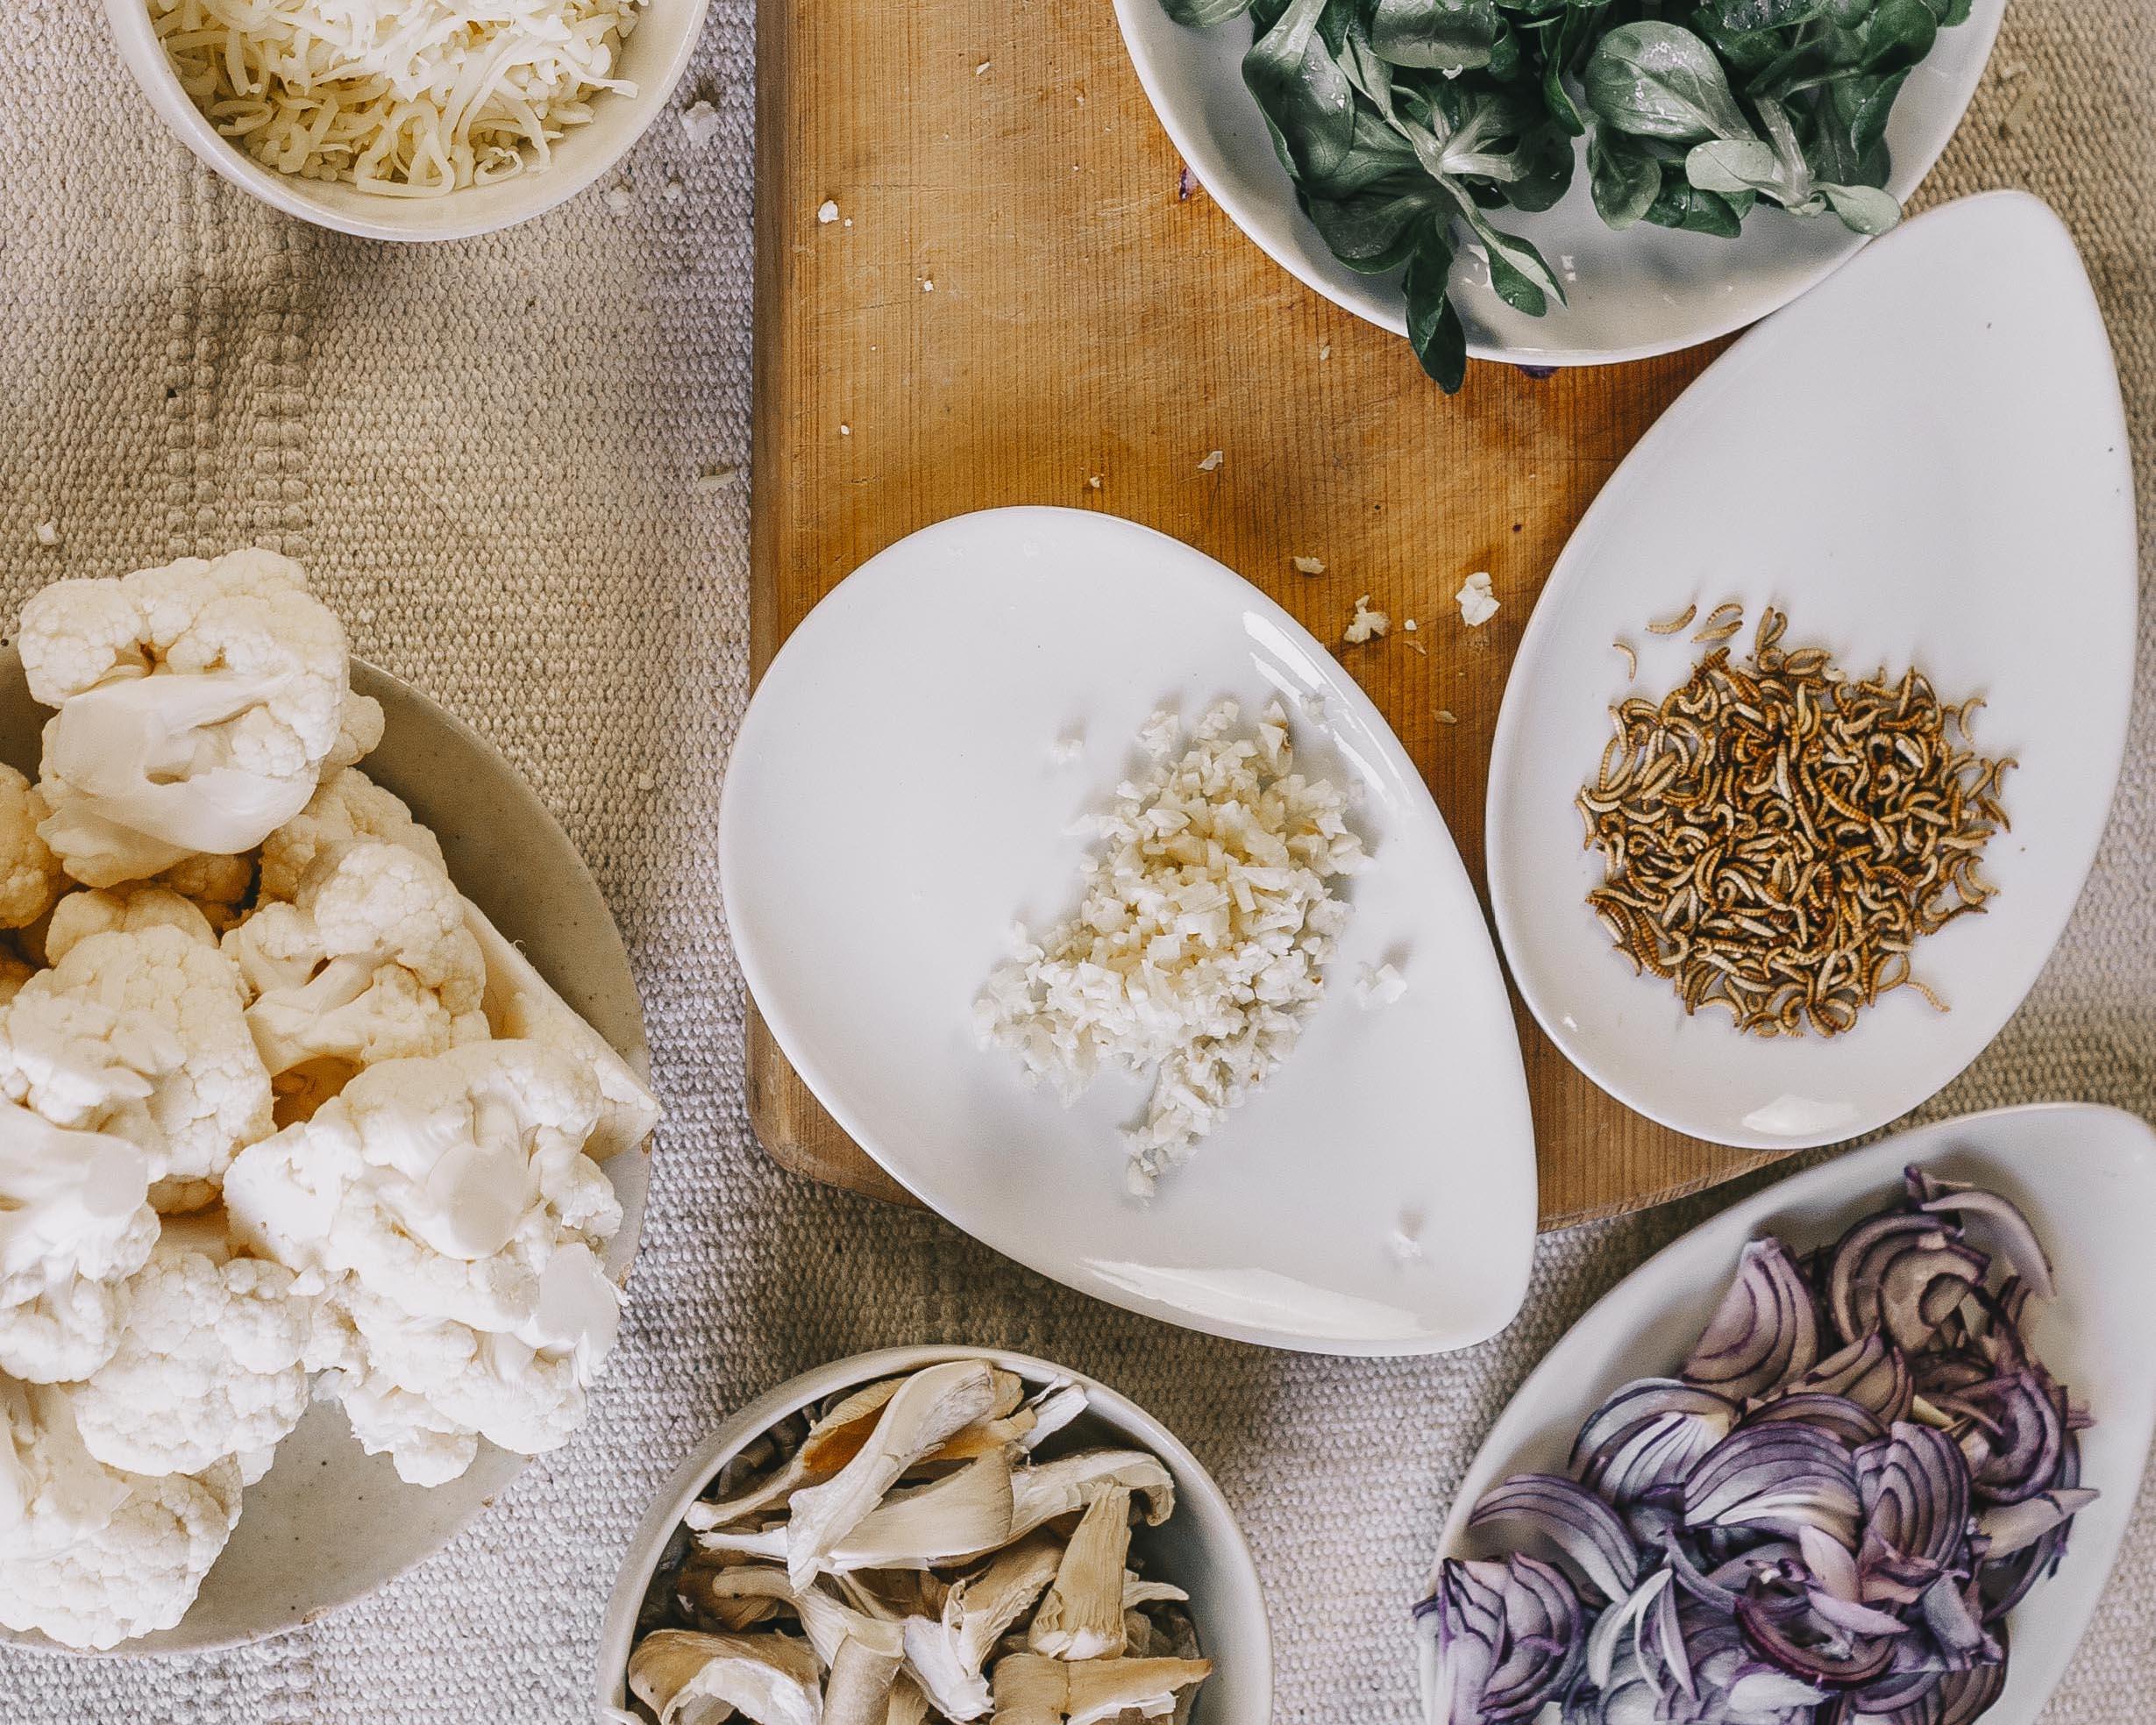 Lebensmittel aus Insekten von Entorganics auf dem Tisch mit Buffalowürmern. Diese kannst du auch bei uns kaufen.